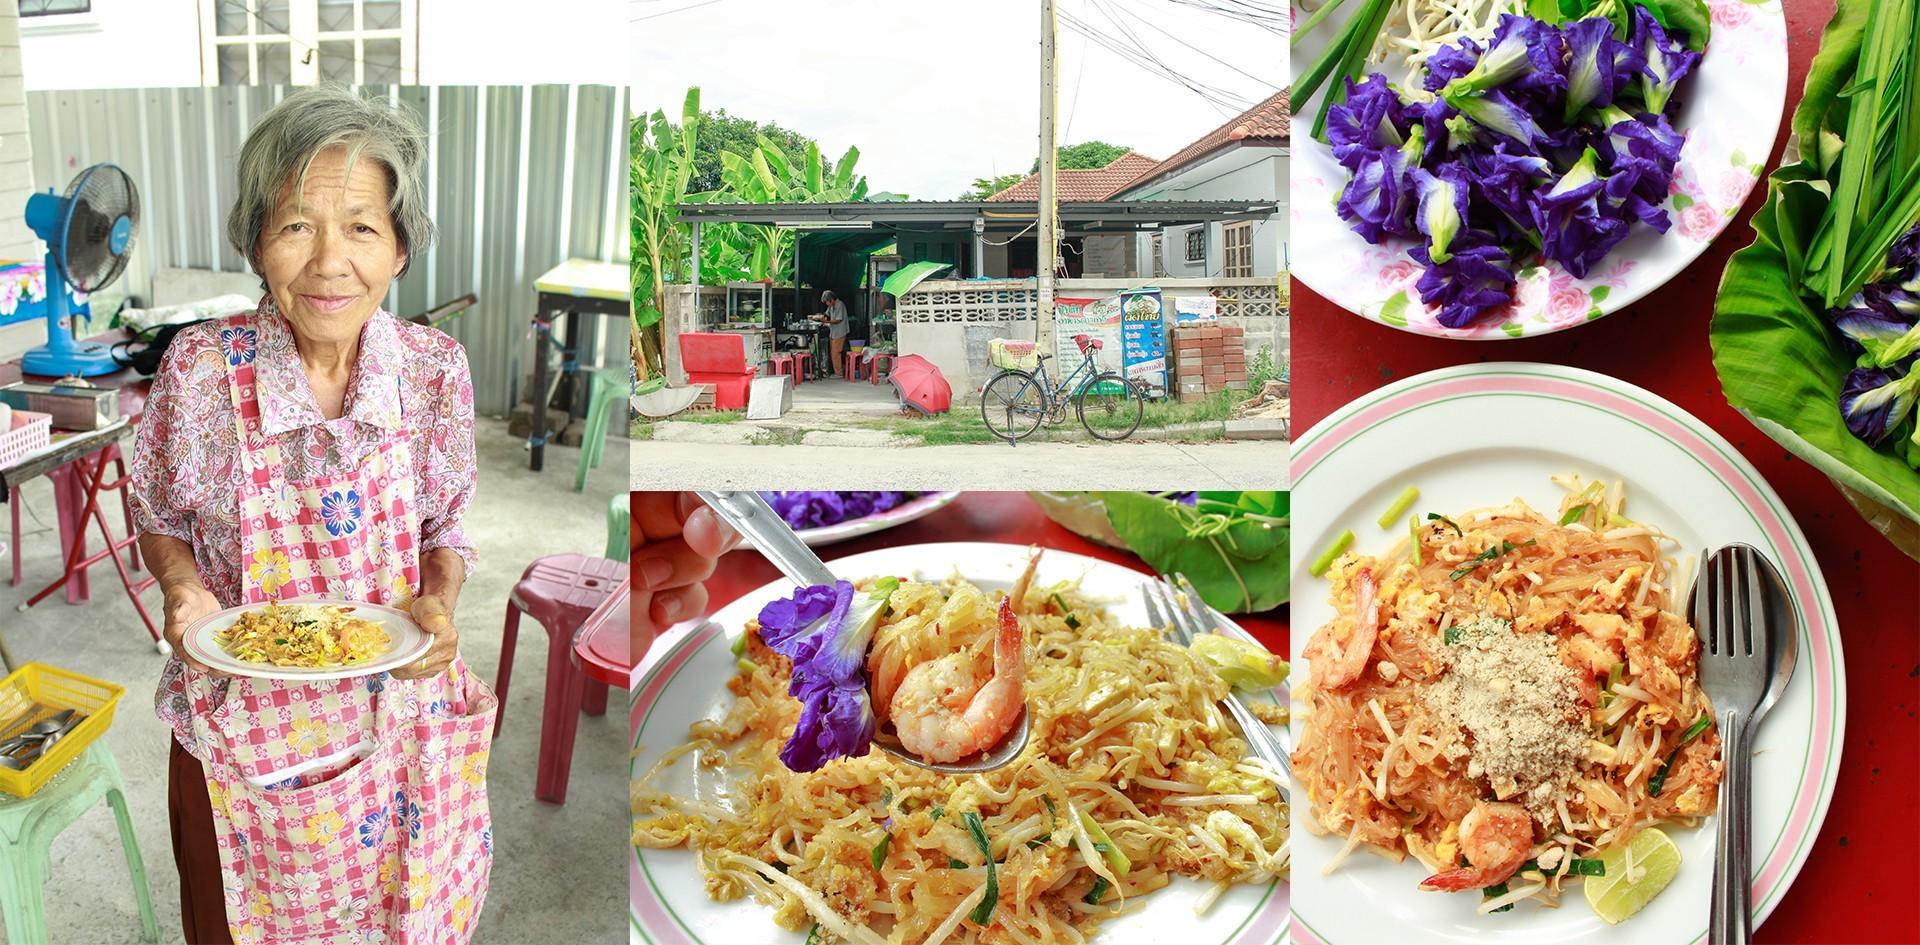 ป้าพัทผัดไทย บางแสน ร้านผัดไทยสู้ชีวิต อิ่มได้ตลอด 24 ชั่วโมง